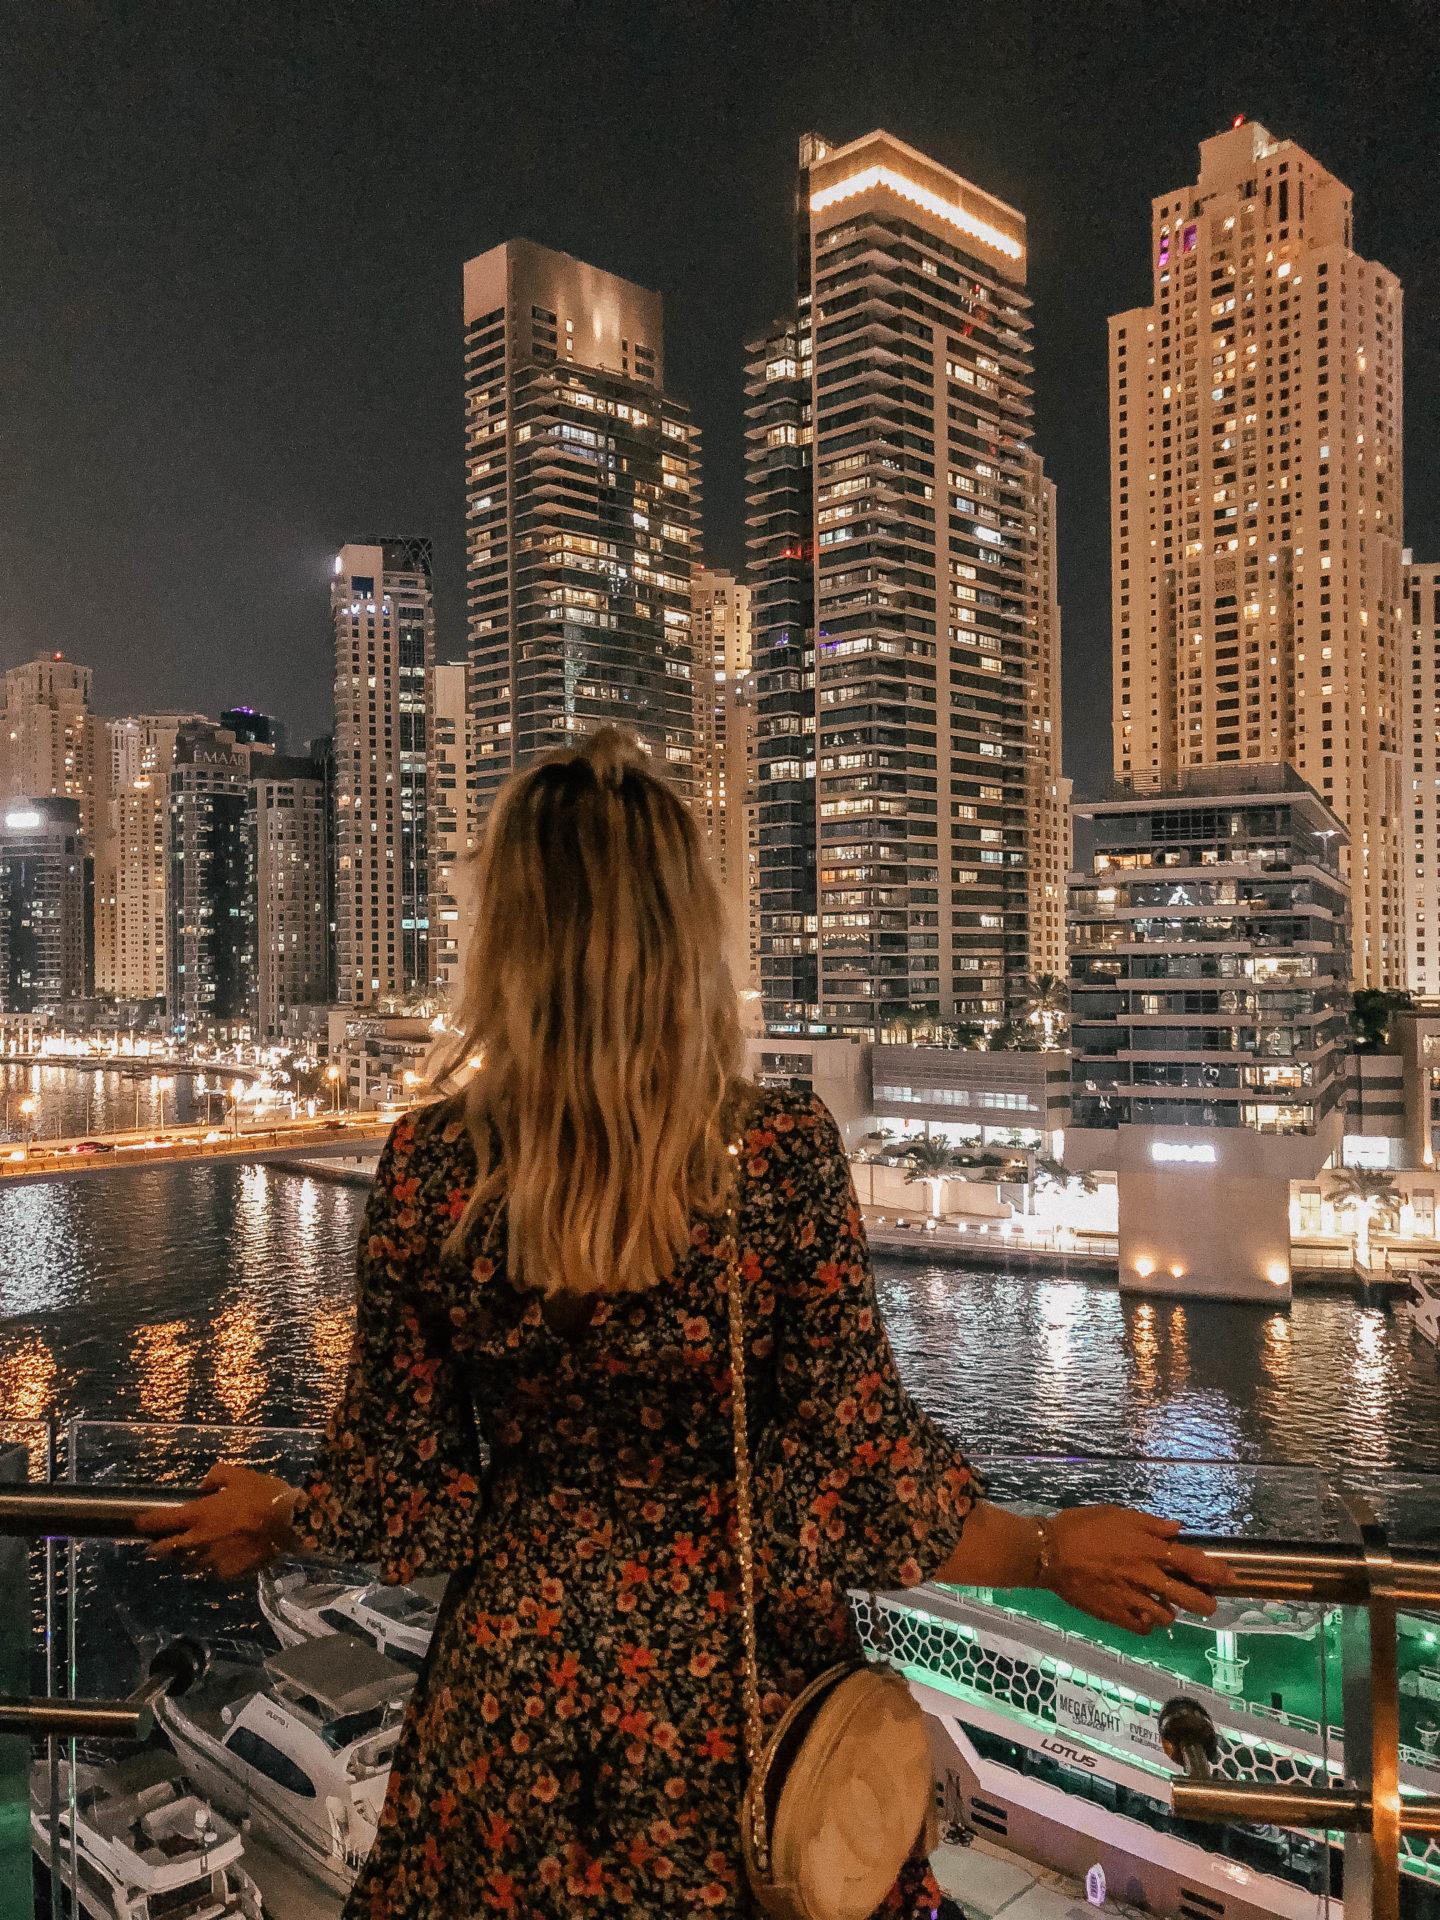 Pier 7 Dubaï - Blondie Baby blog mode et voyages